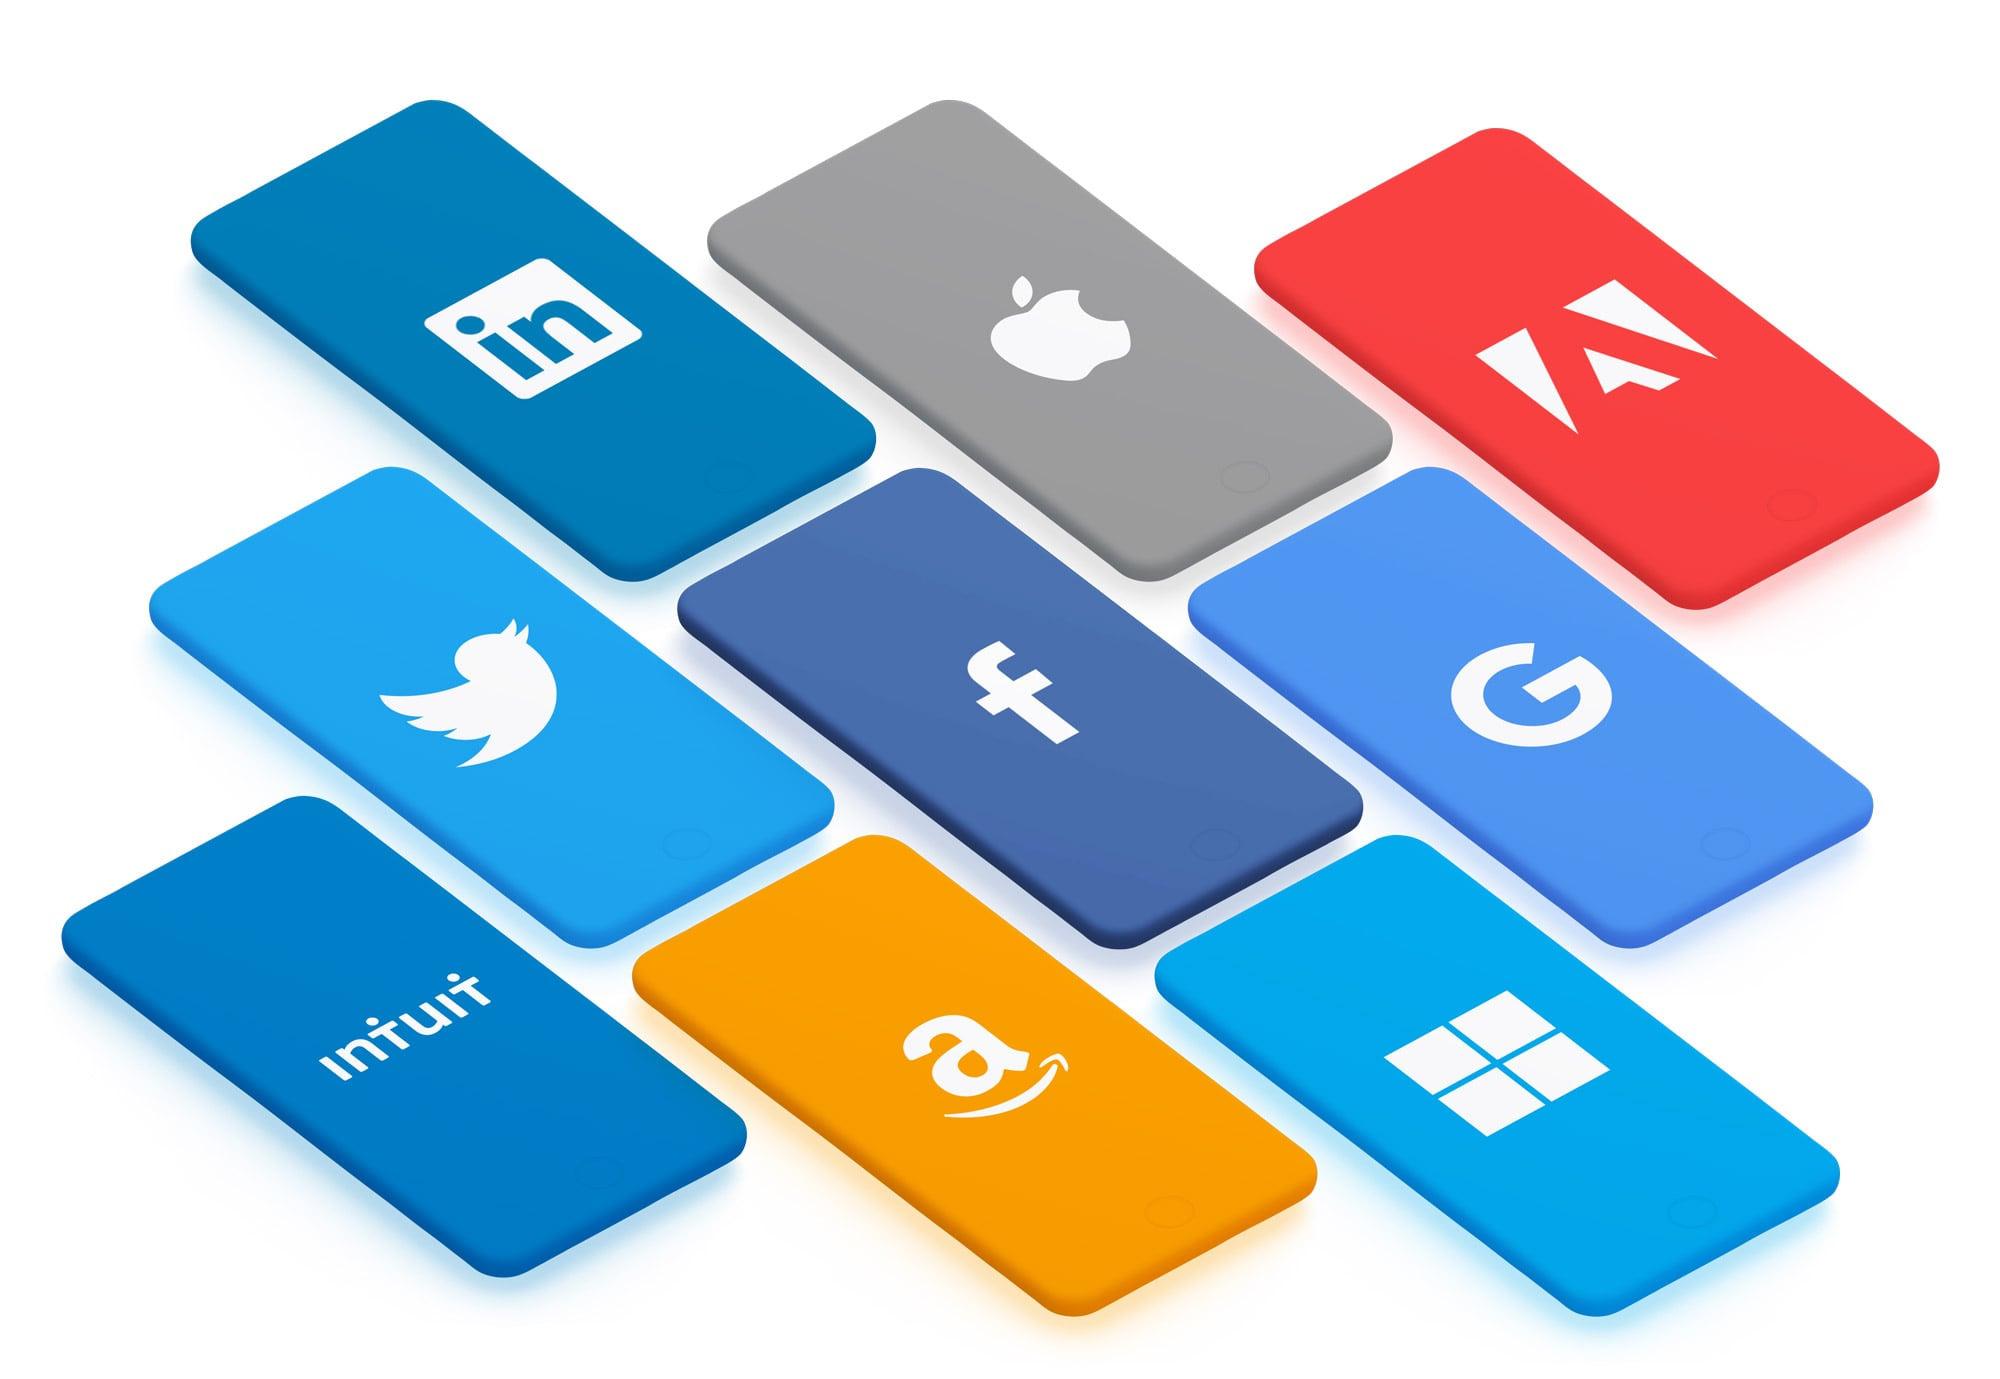 http://cofolios.com/images/phones.jpg